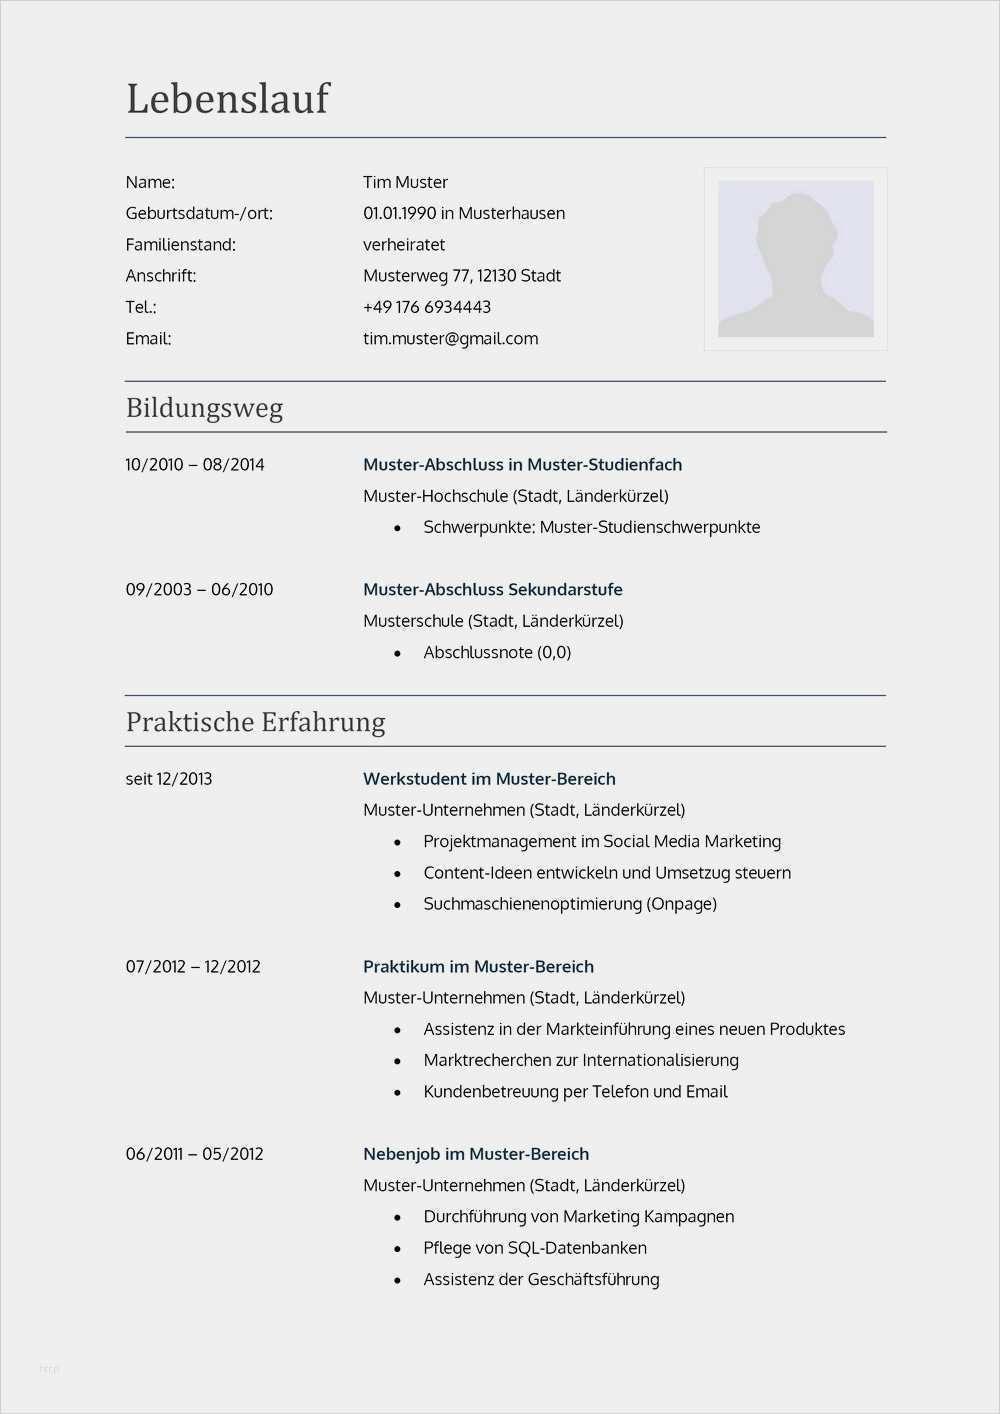 33 Suss Ausbildung Zum Einzelhandelskaufmann Vorlage Foto In 2020 Lebenslauf Lebenslauf Vorlage Modern Lebenslauf Tipps